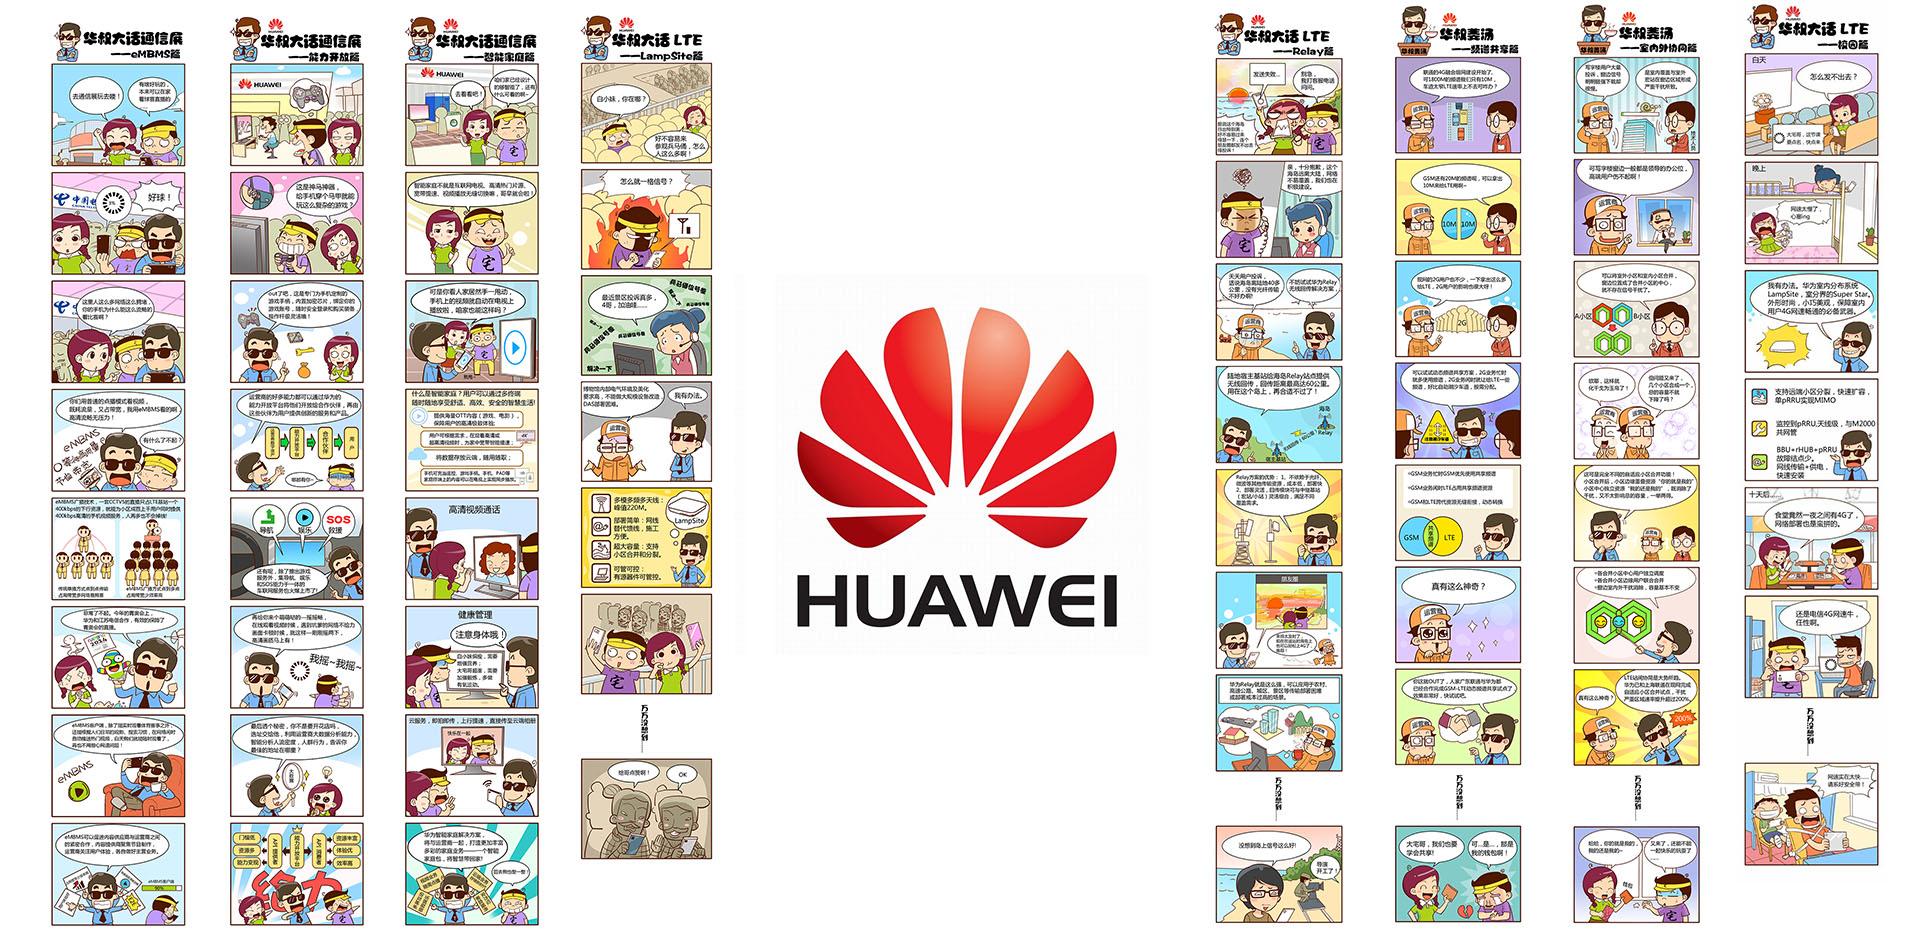 四格漫画_【原创漫画】多格漫画设计、微信漫画、漫画软广告、卡通漫画设计6